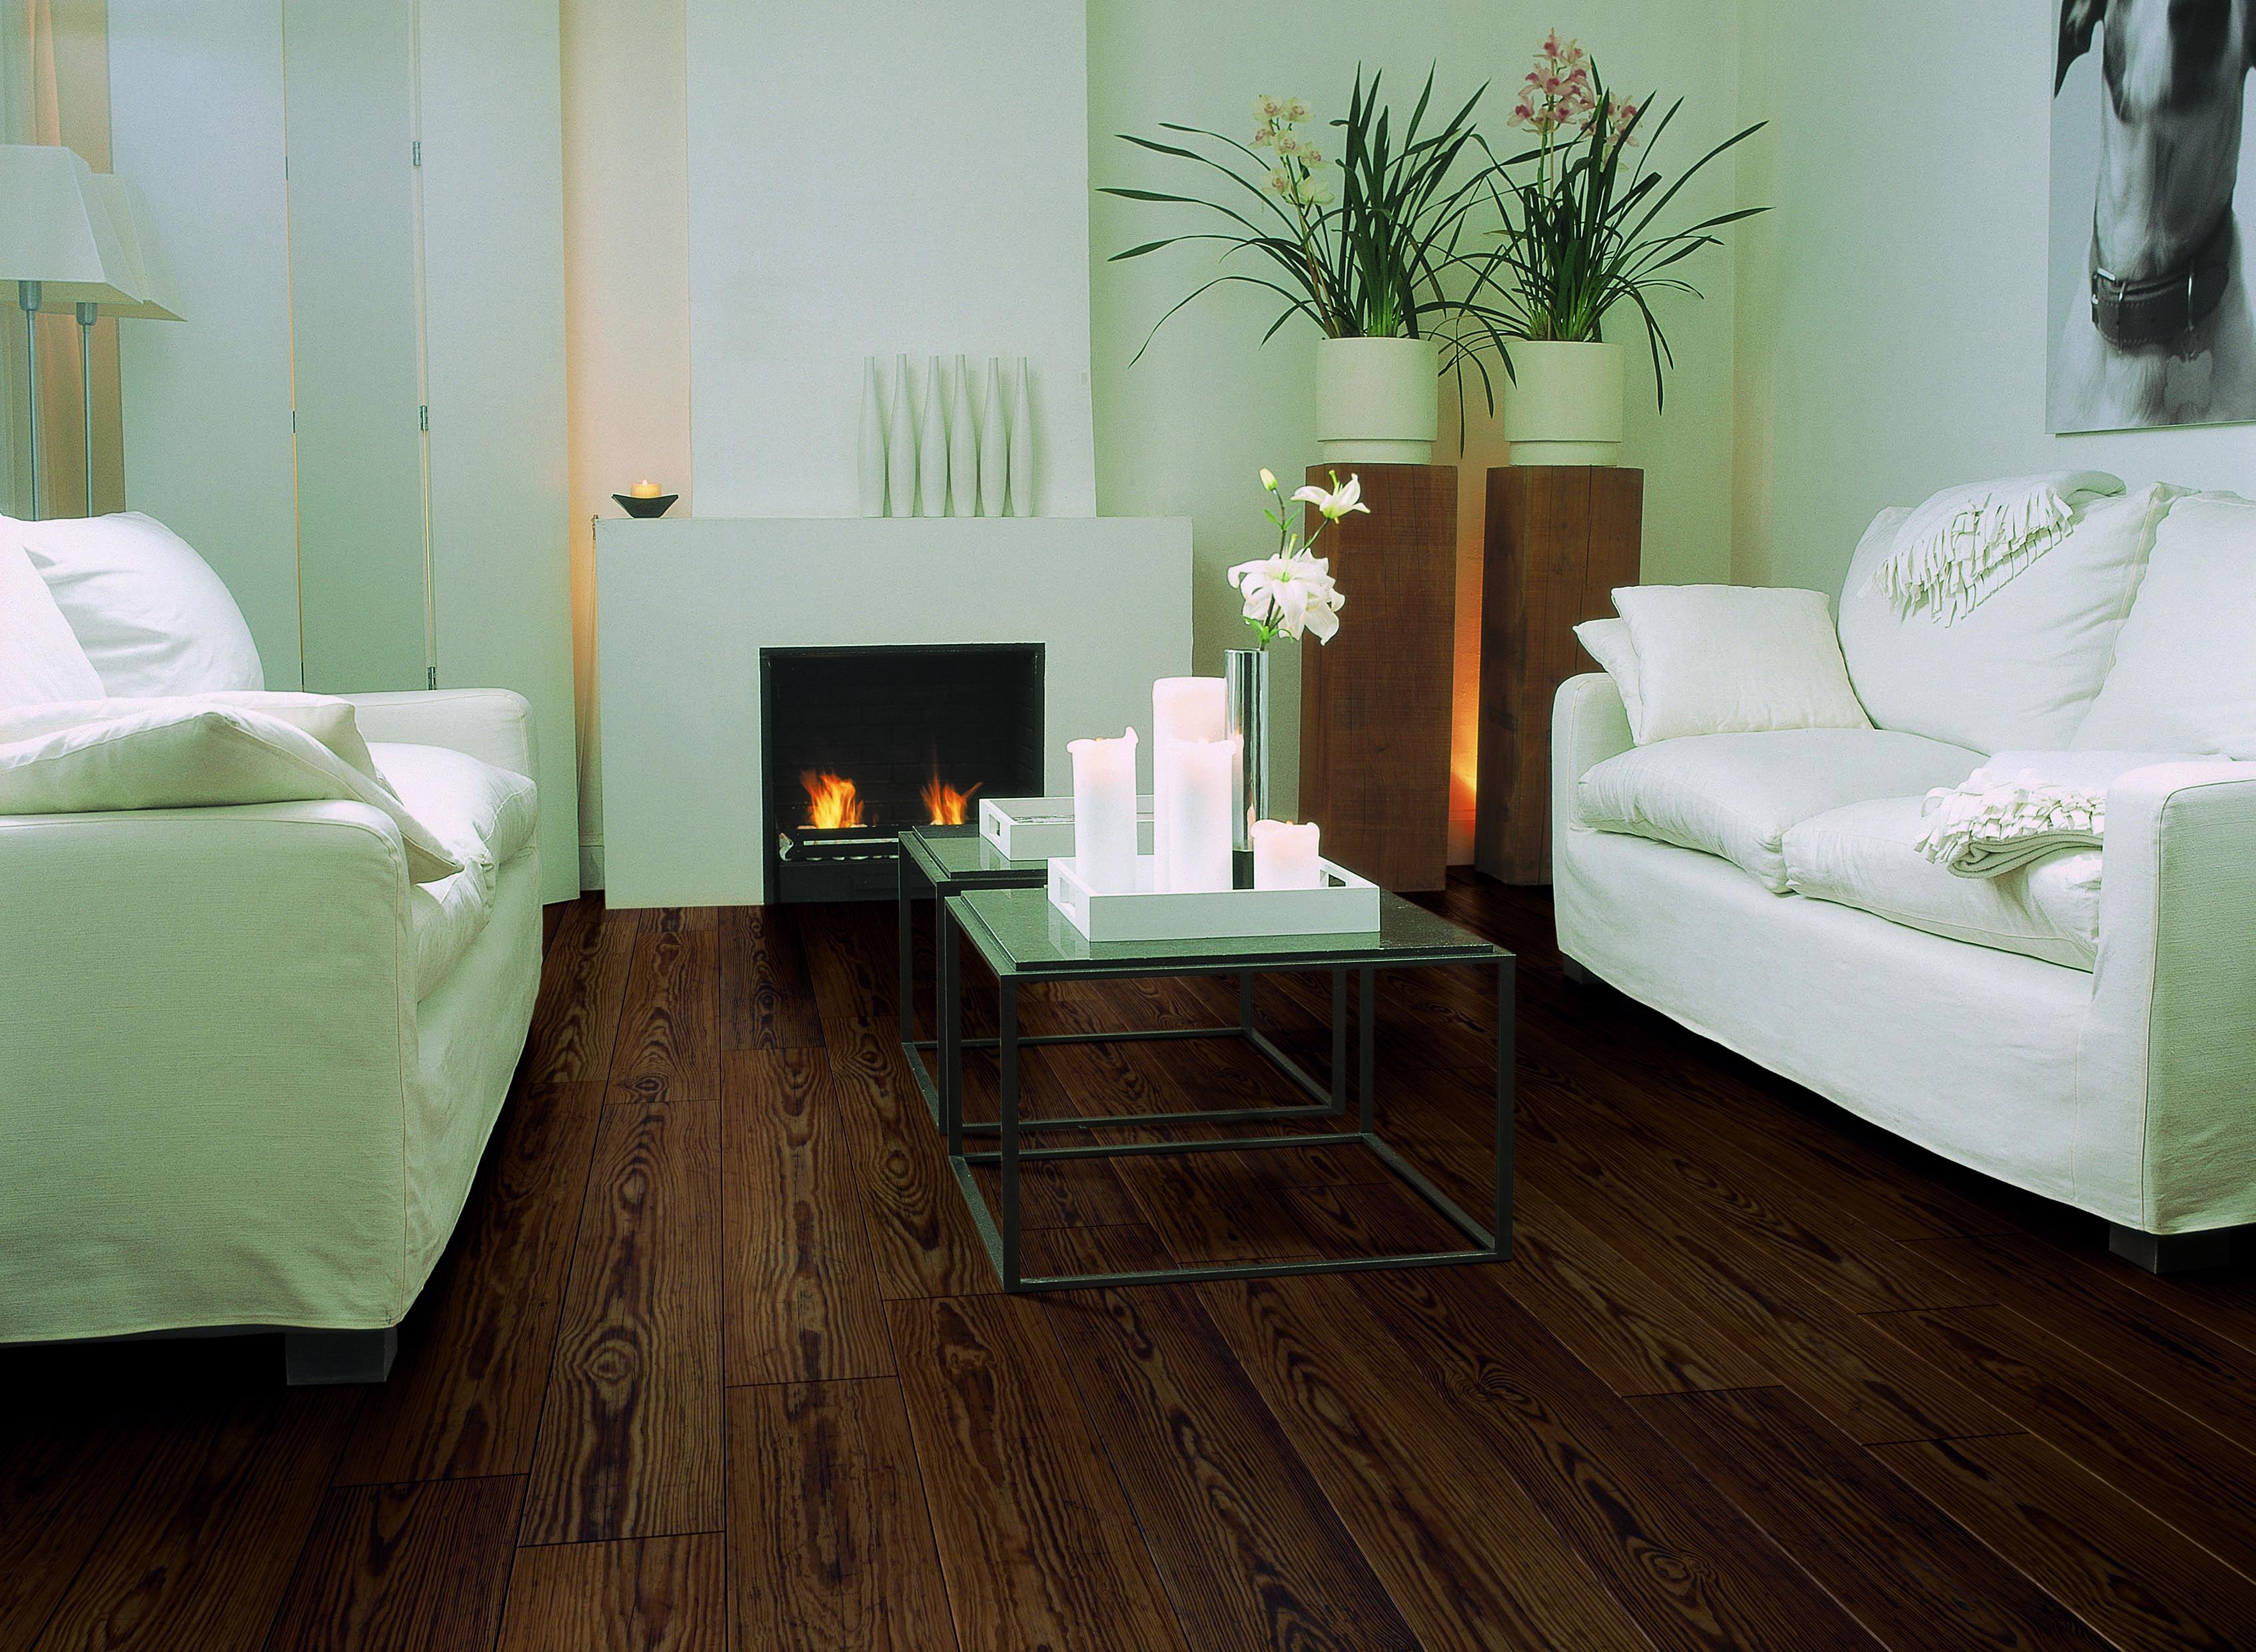 Vinyl Vloer Limburg : Houten vloeren limburg u a nieuwe houten vloer van fabritius home